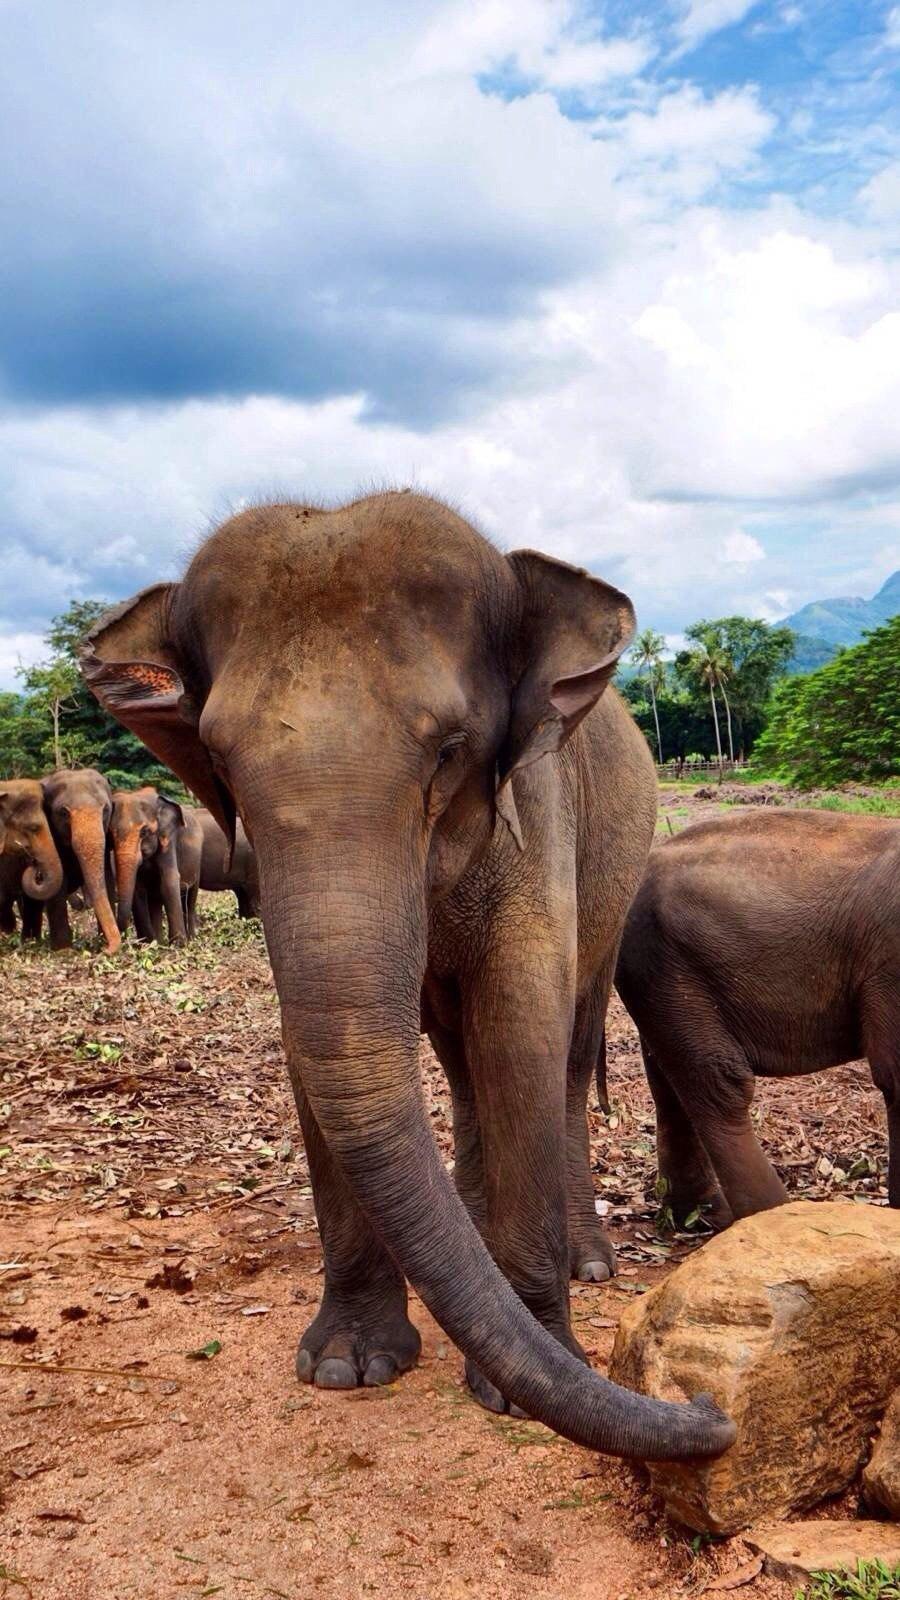 兰卡政府野生动物保护局于1975年开始修建了这座世界上独一无二的大象